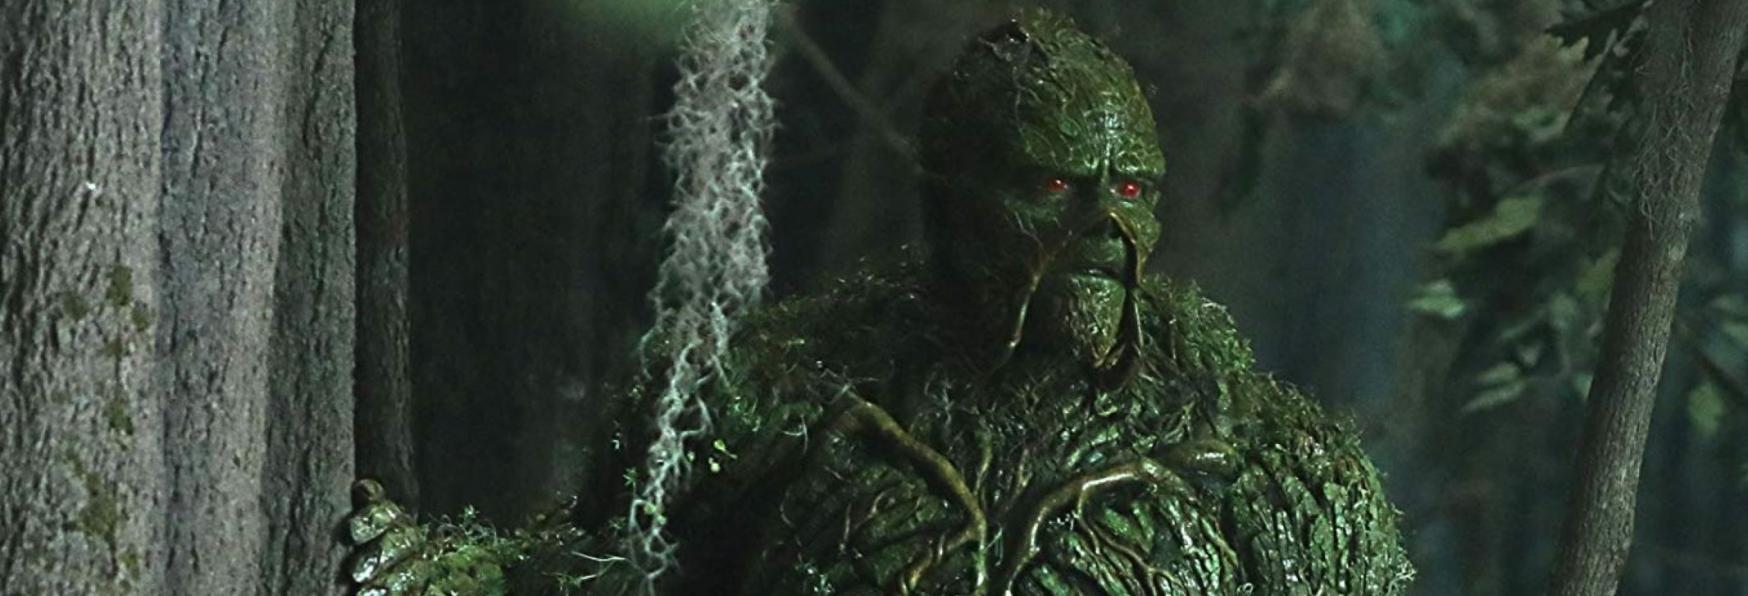 Swamp Thing: vedremo un Revival della Serie TV DC su HBO Max?